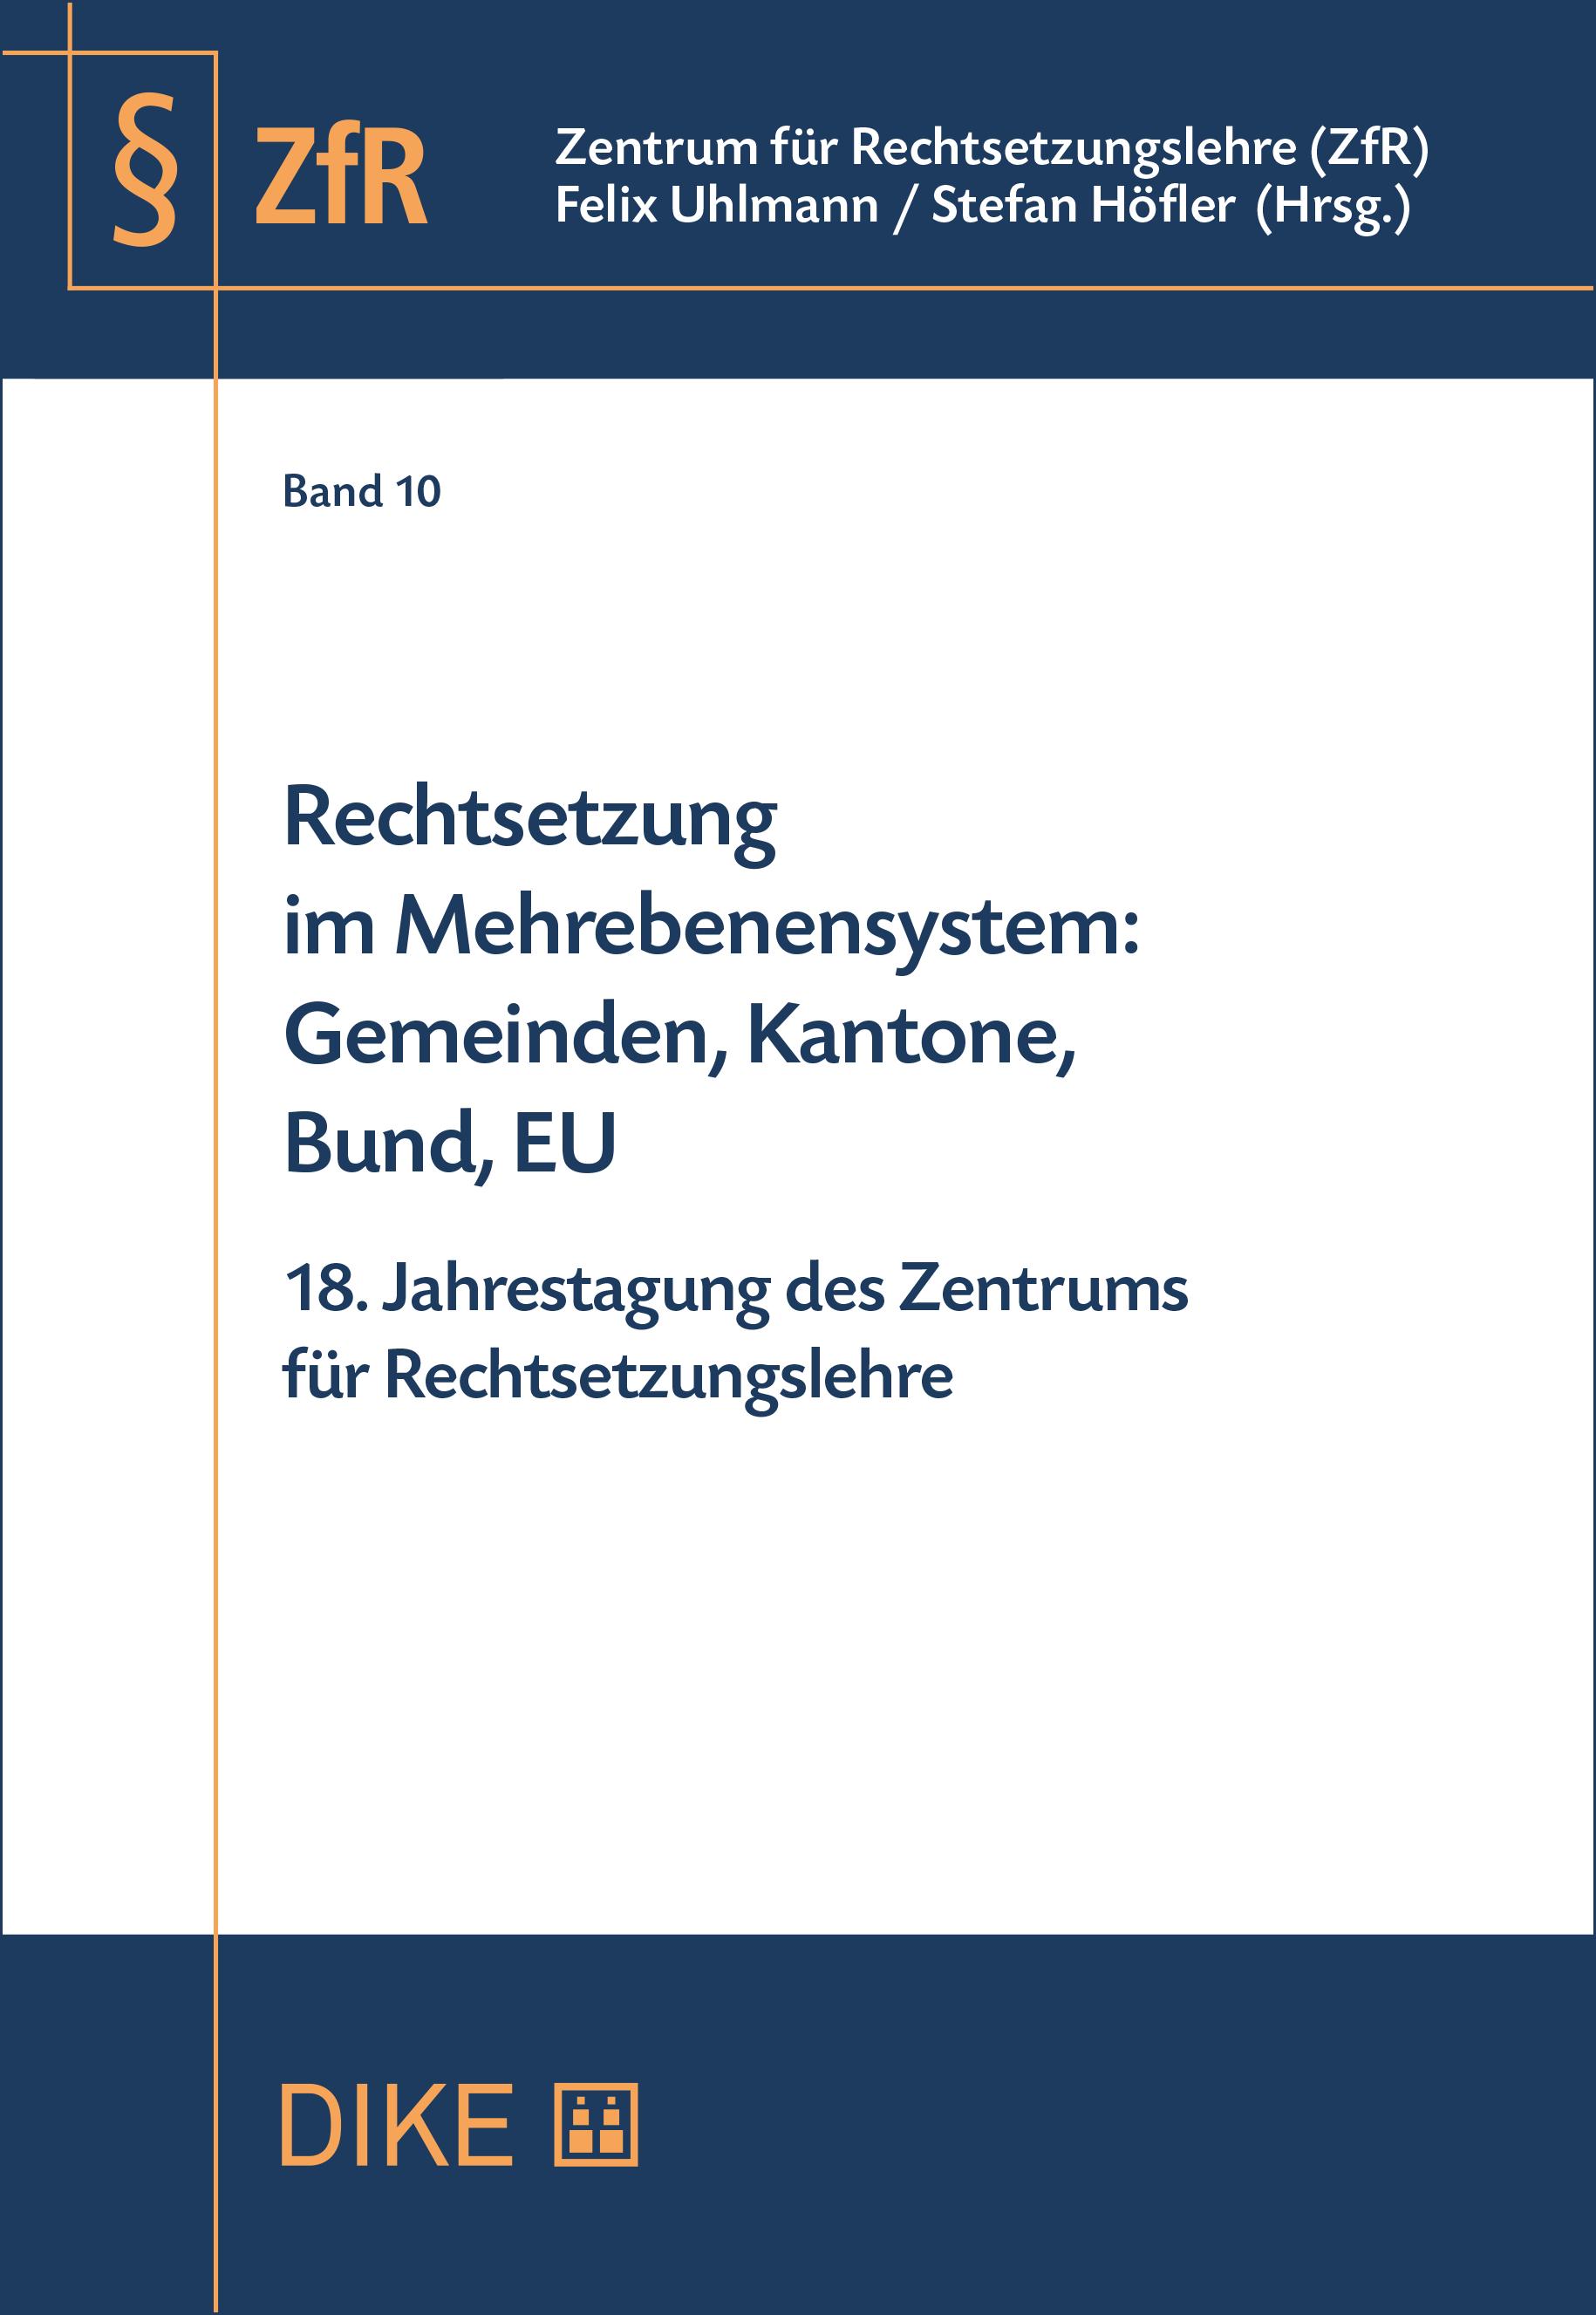 Rechtsetzung im Mehrebenensystem: Gemeinden, Kantone, Bund, EU